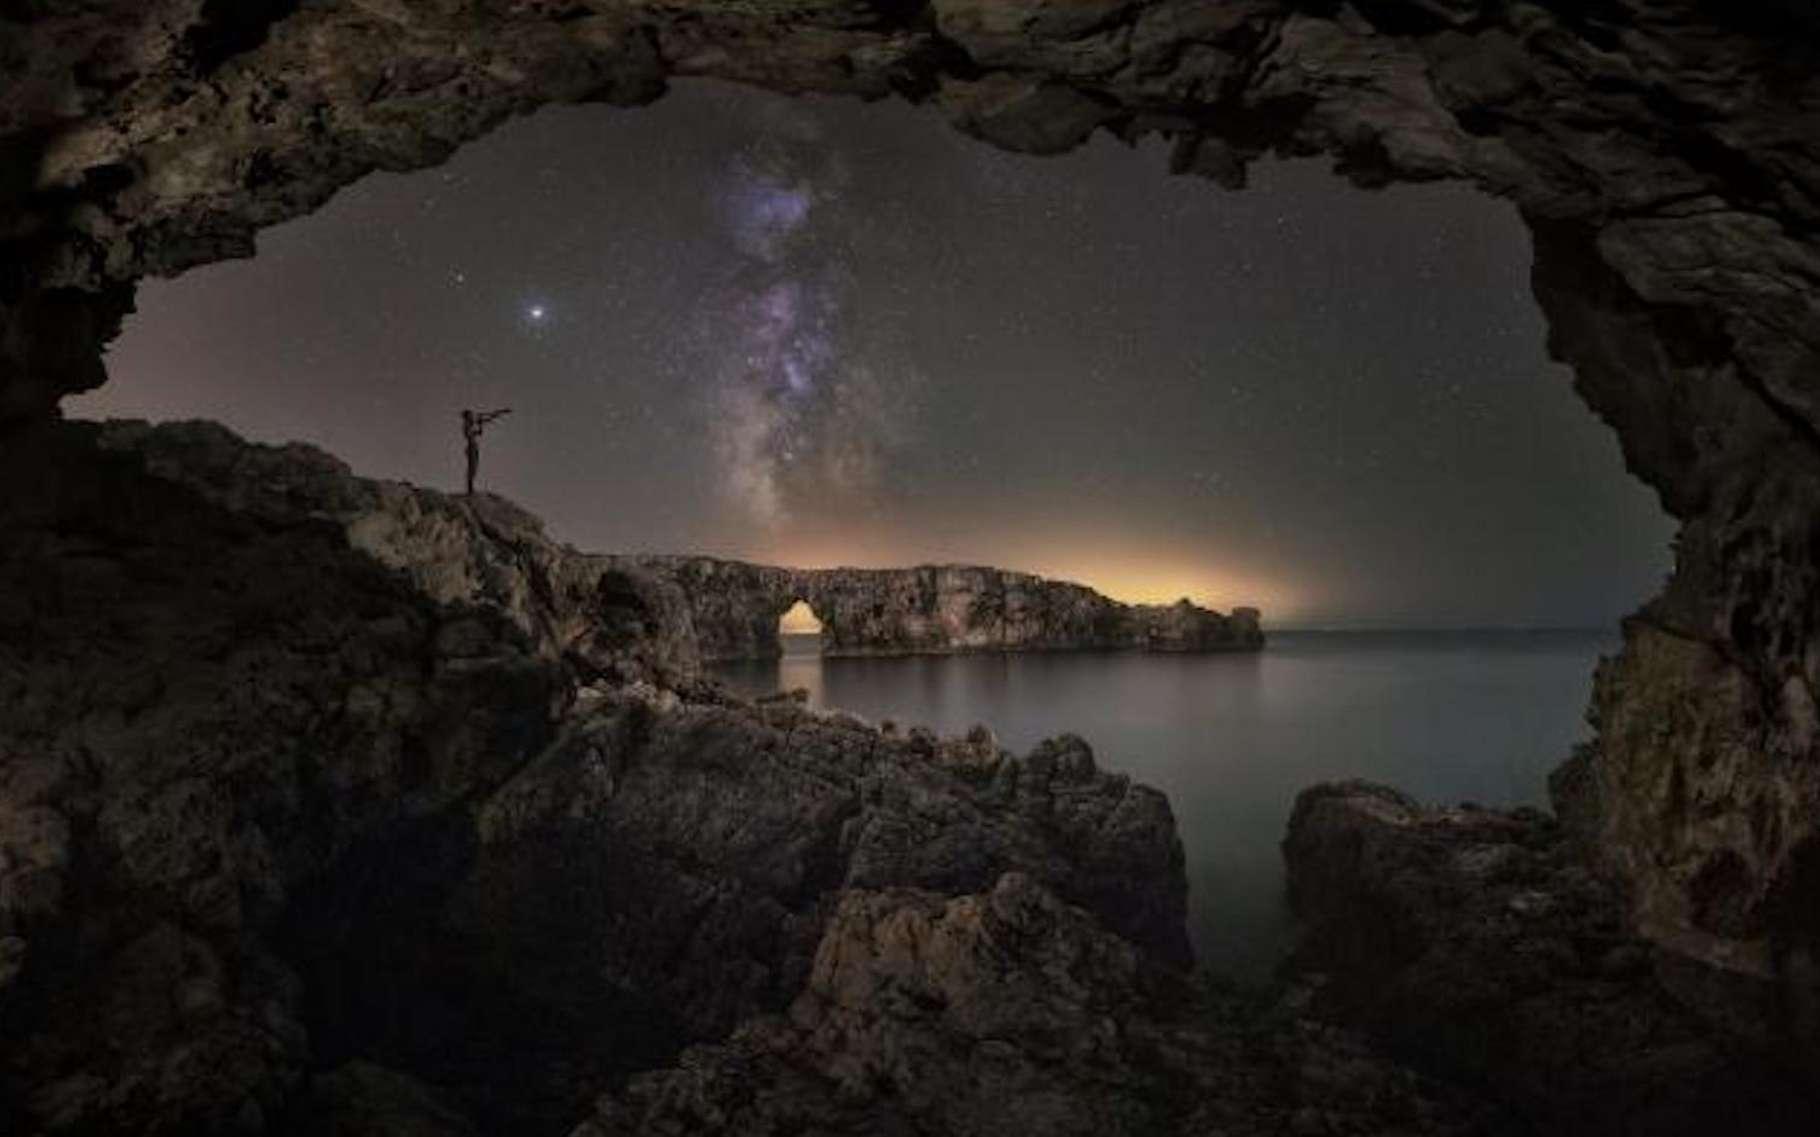 Depuis la nuit des temps, les hommes lèvent les yeux au ciel. Pour y découvrir des spectacles toujours plus grandioses. © Antoni Cladera Barcelo, Astronomy Photagrapher of the Year 2021